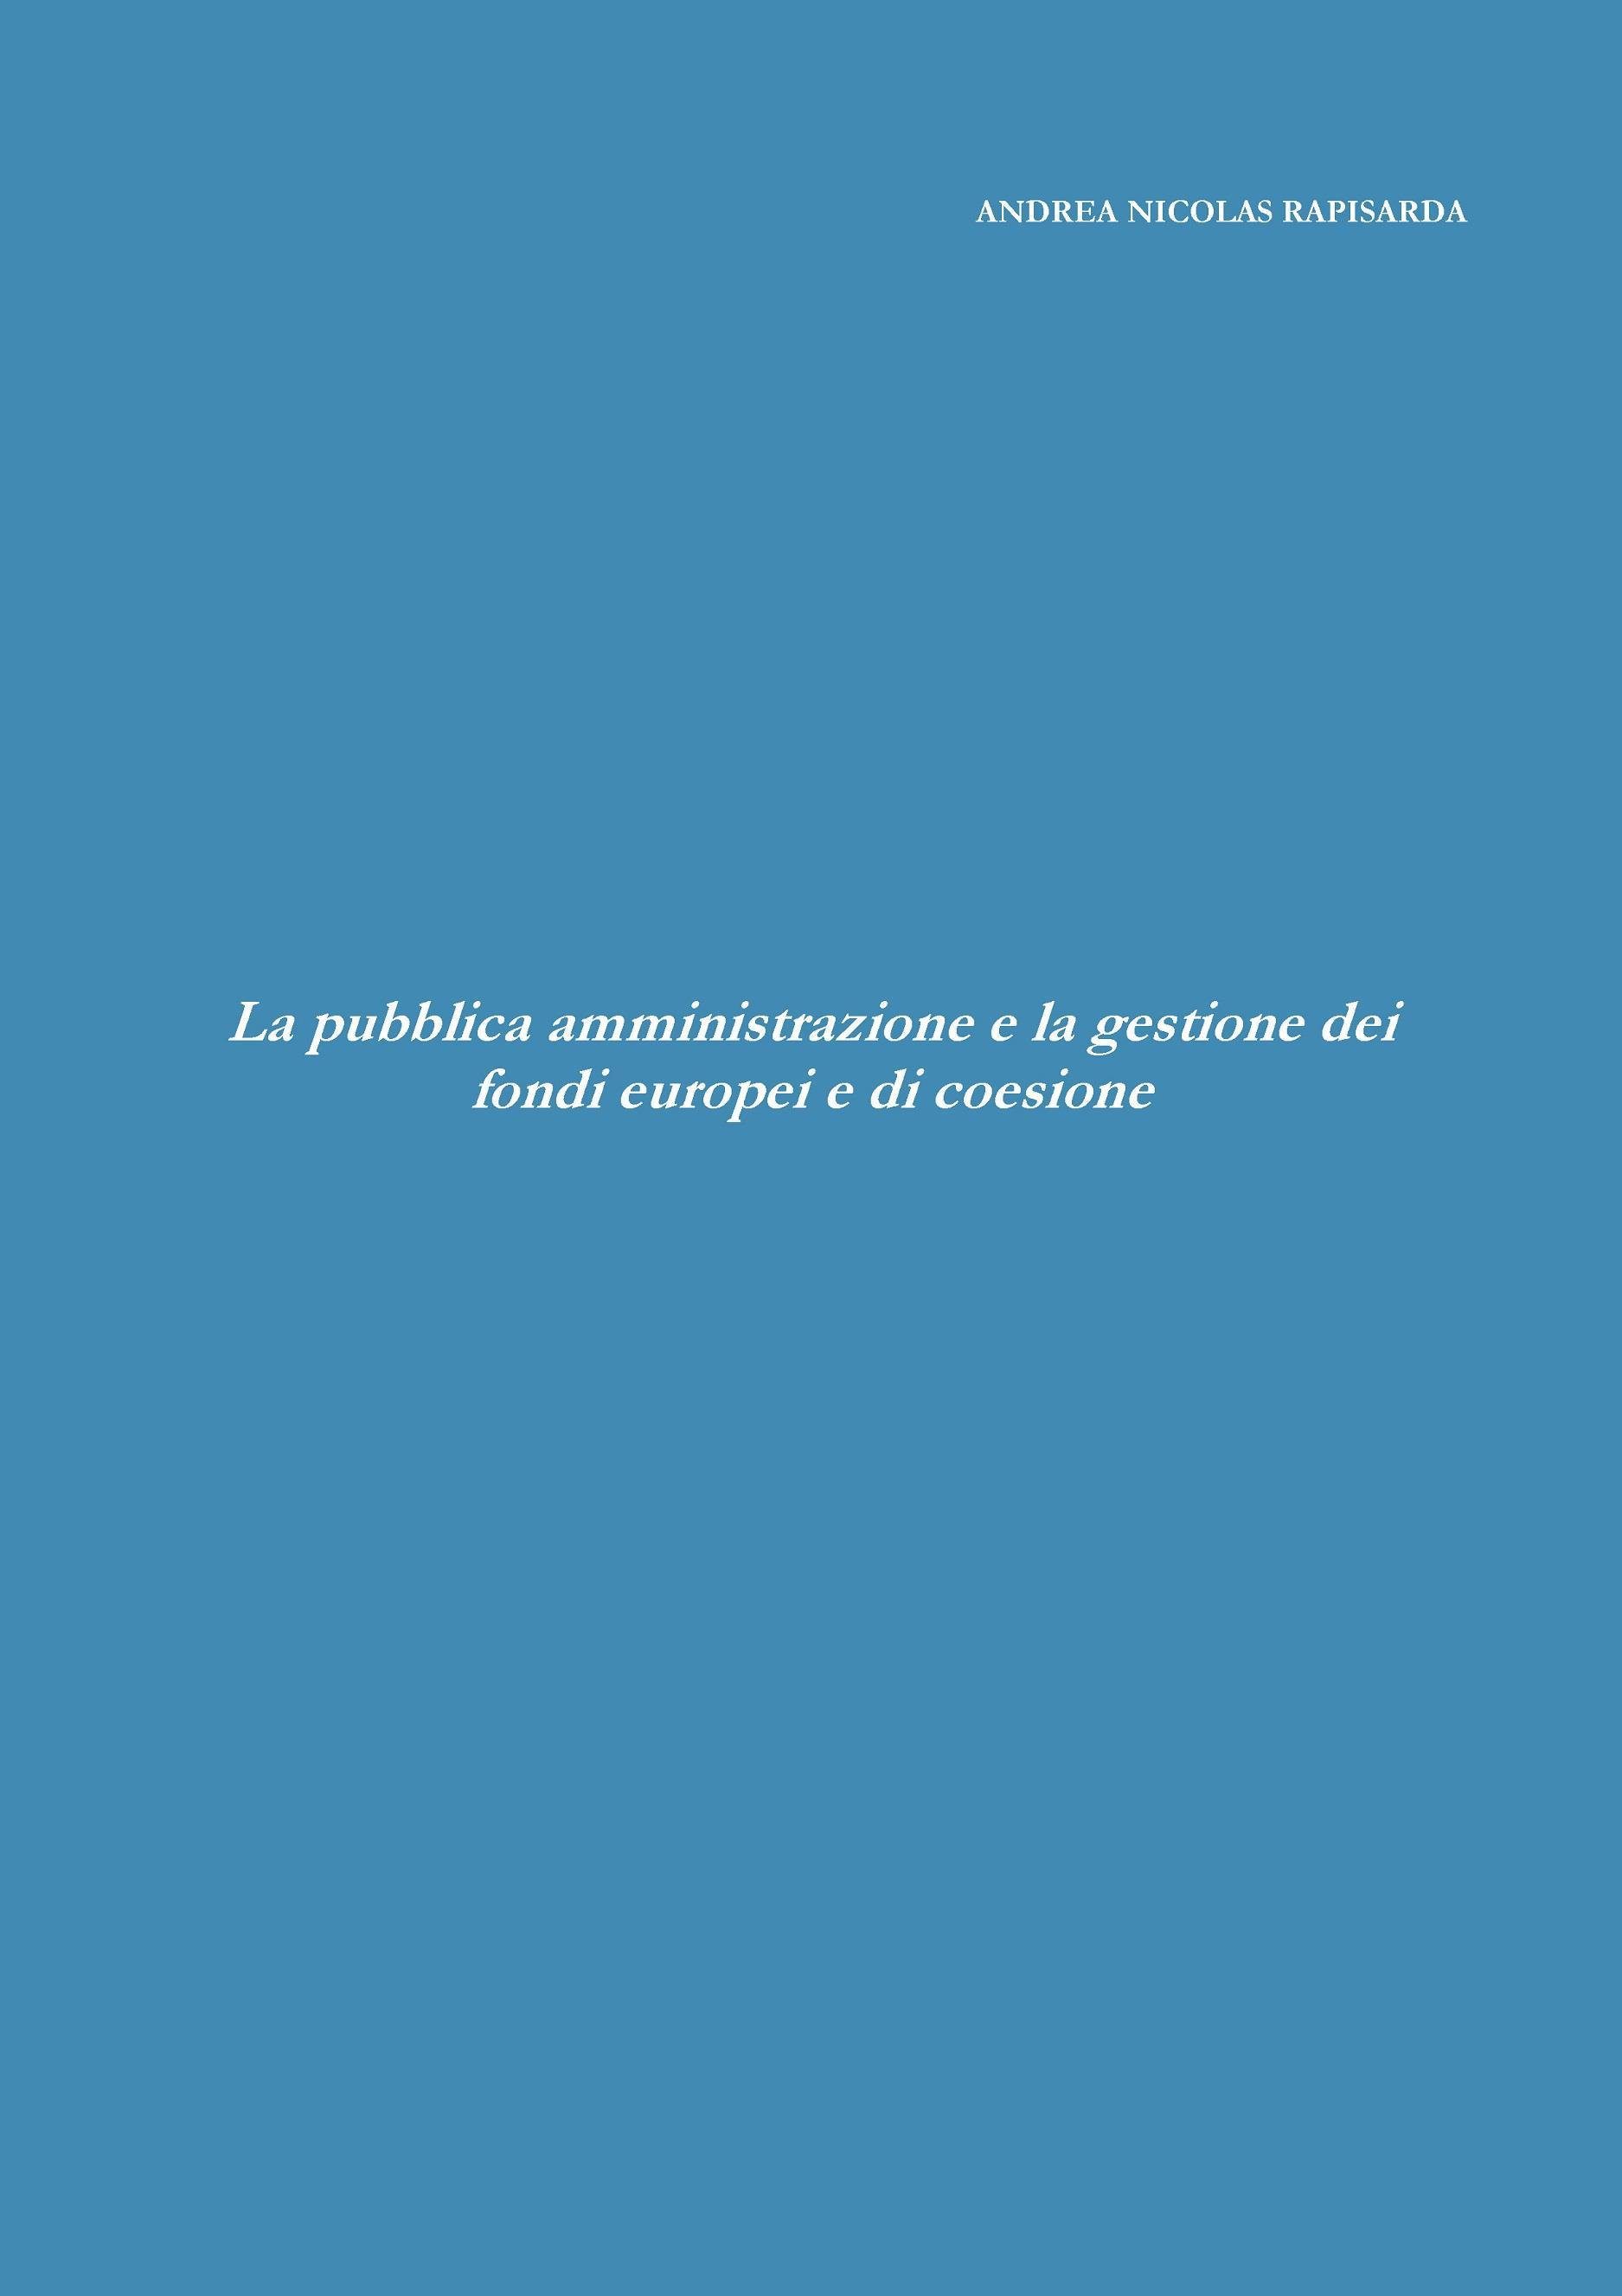 La pubblica amministrazione e la gestione dei fondi europei e di coesione